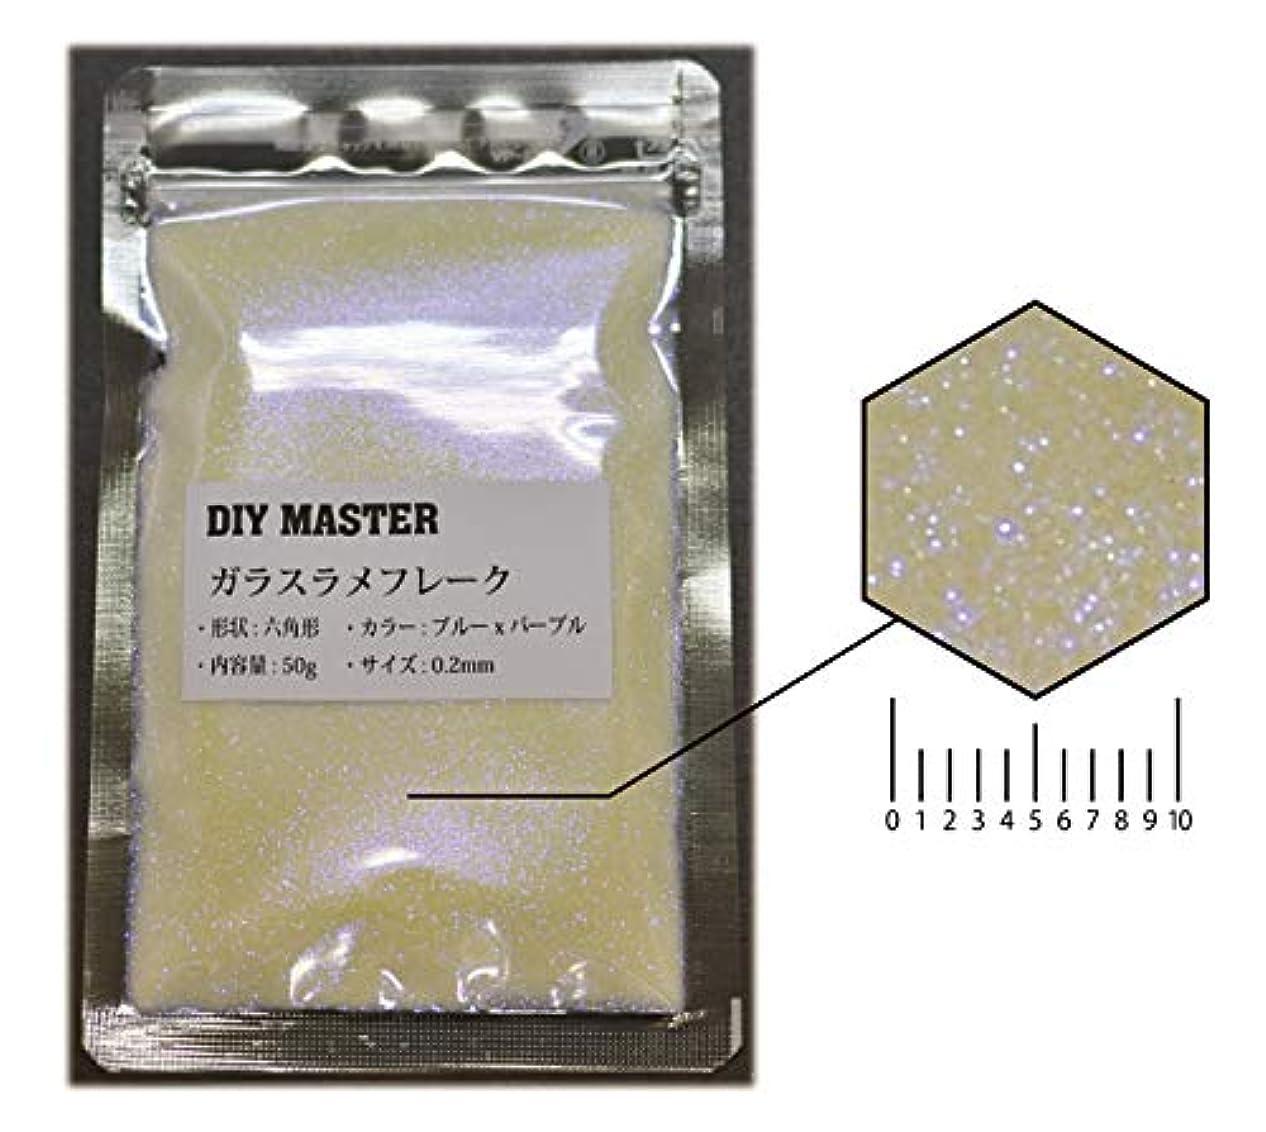 血まみれの犯罪銀行DIY MASTER ガラスラメフレーク (偏光) ブルーxパープル 0.2mm 50g